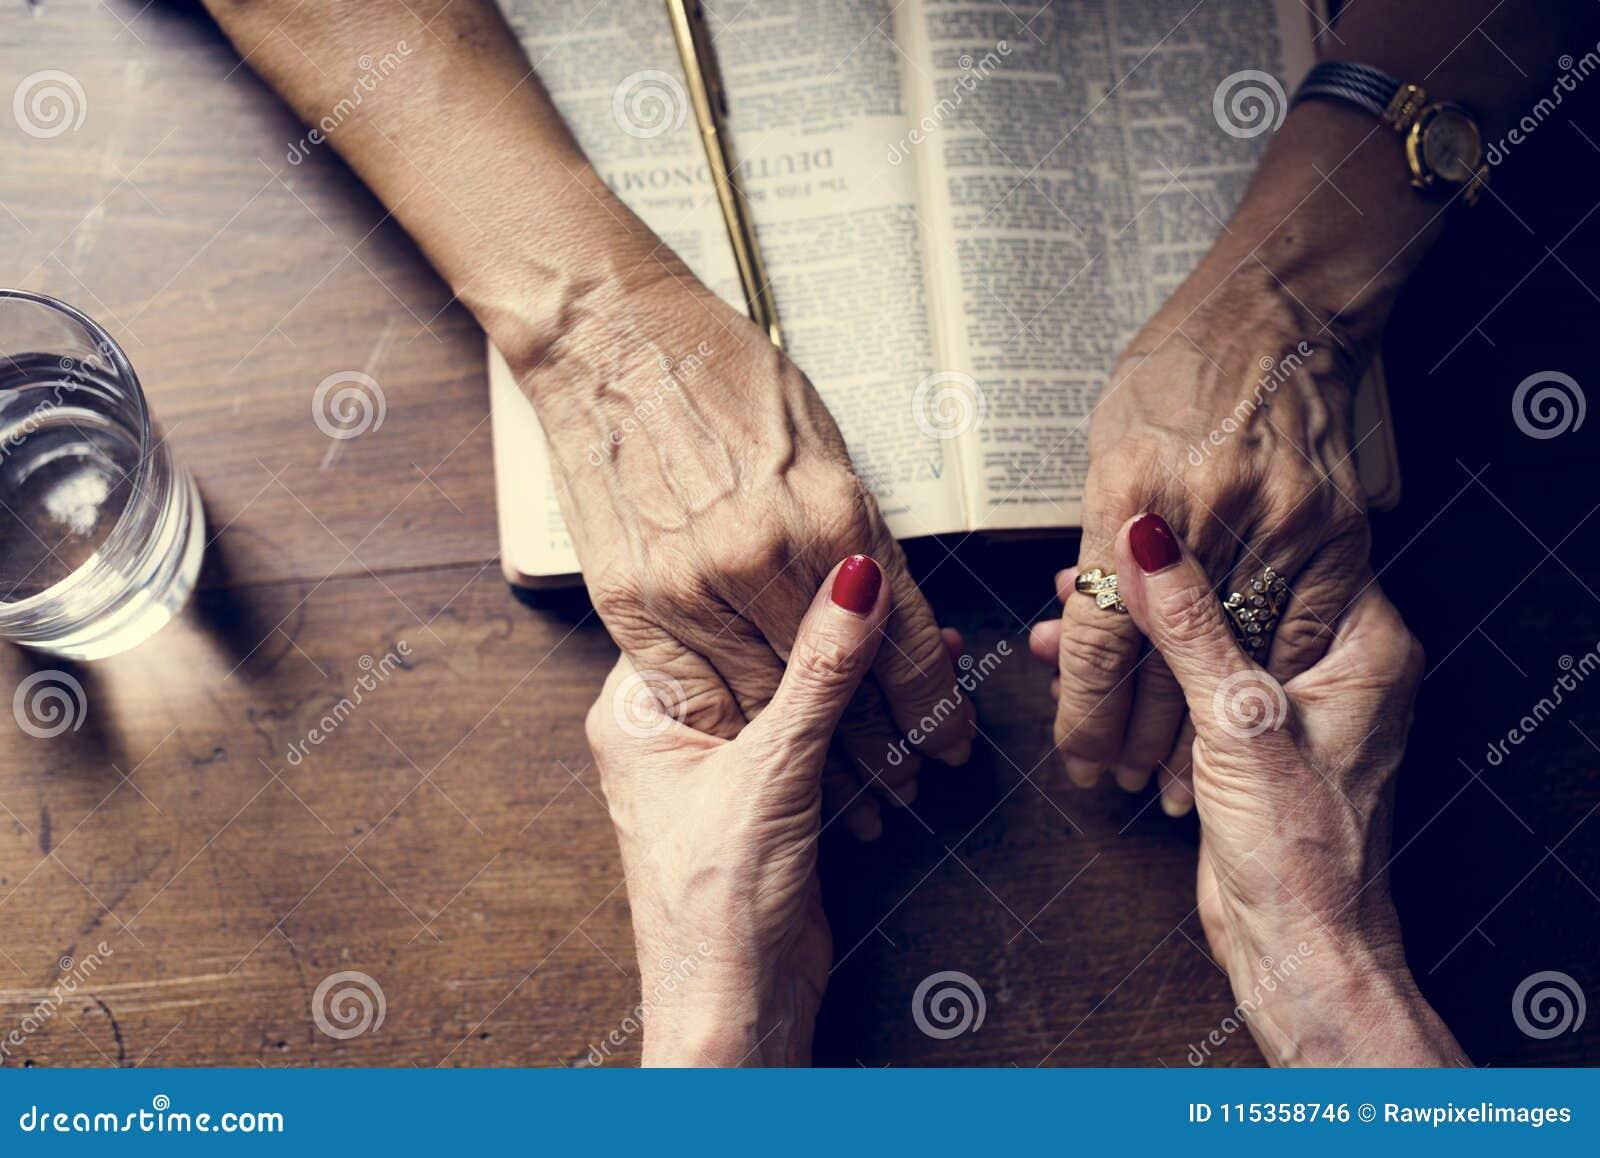 Remet la foi de prière dans la religion de christianisme